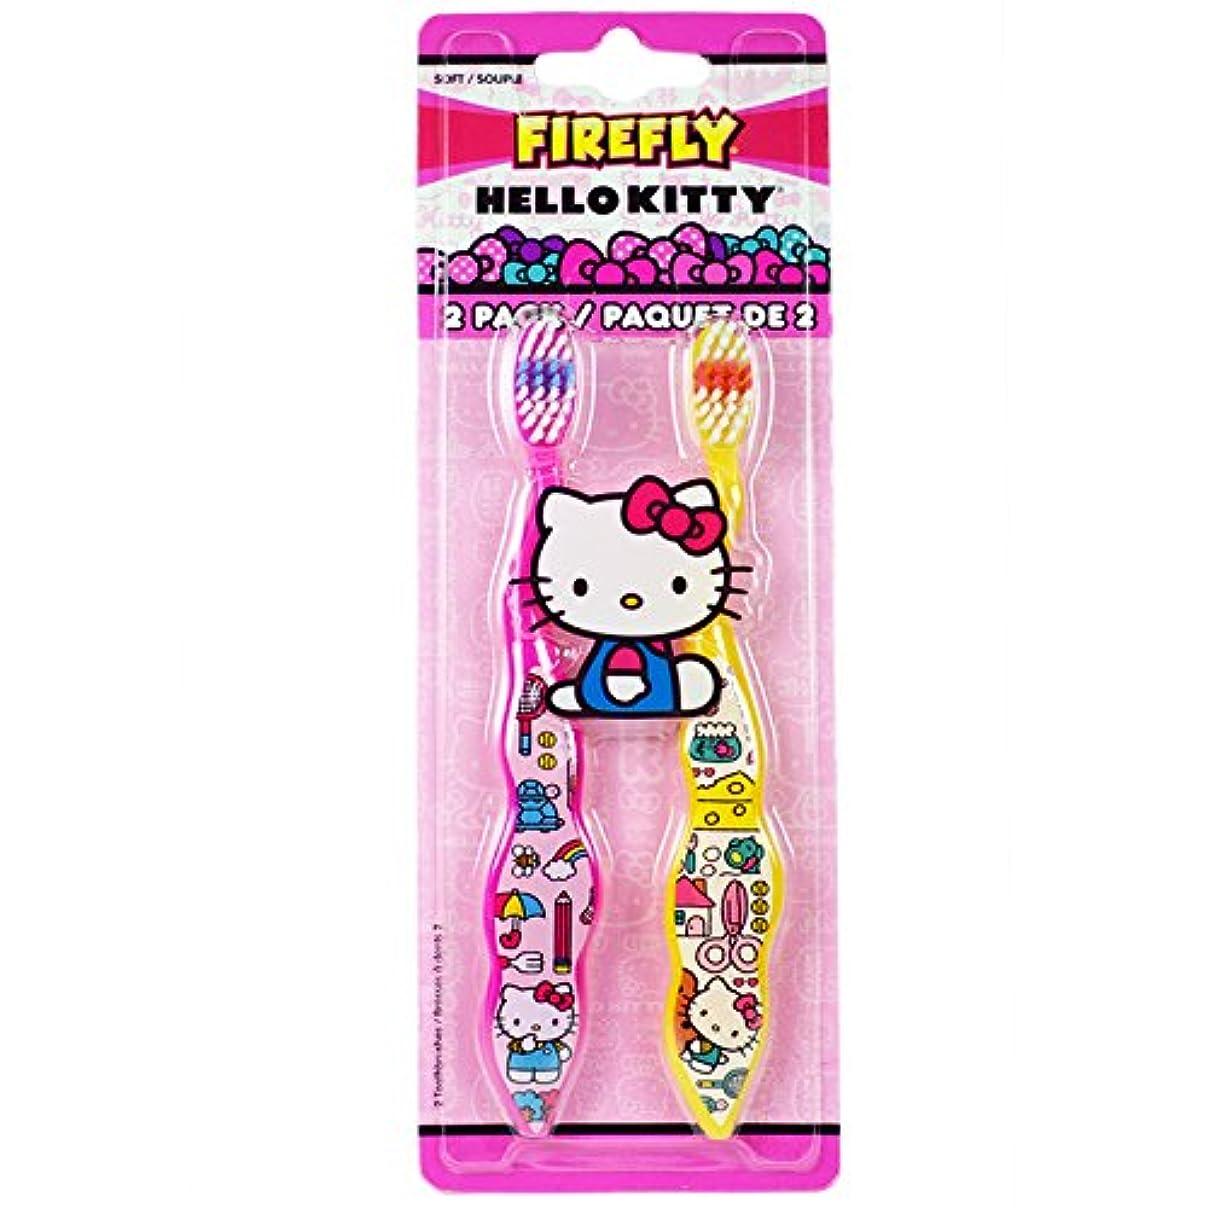 体現するアヒル環境に優しいDr. Fresh Firefly Hello Kitty Toothbrush, Soft by Firefly